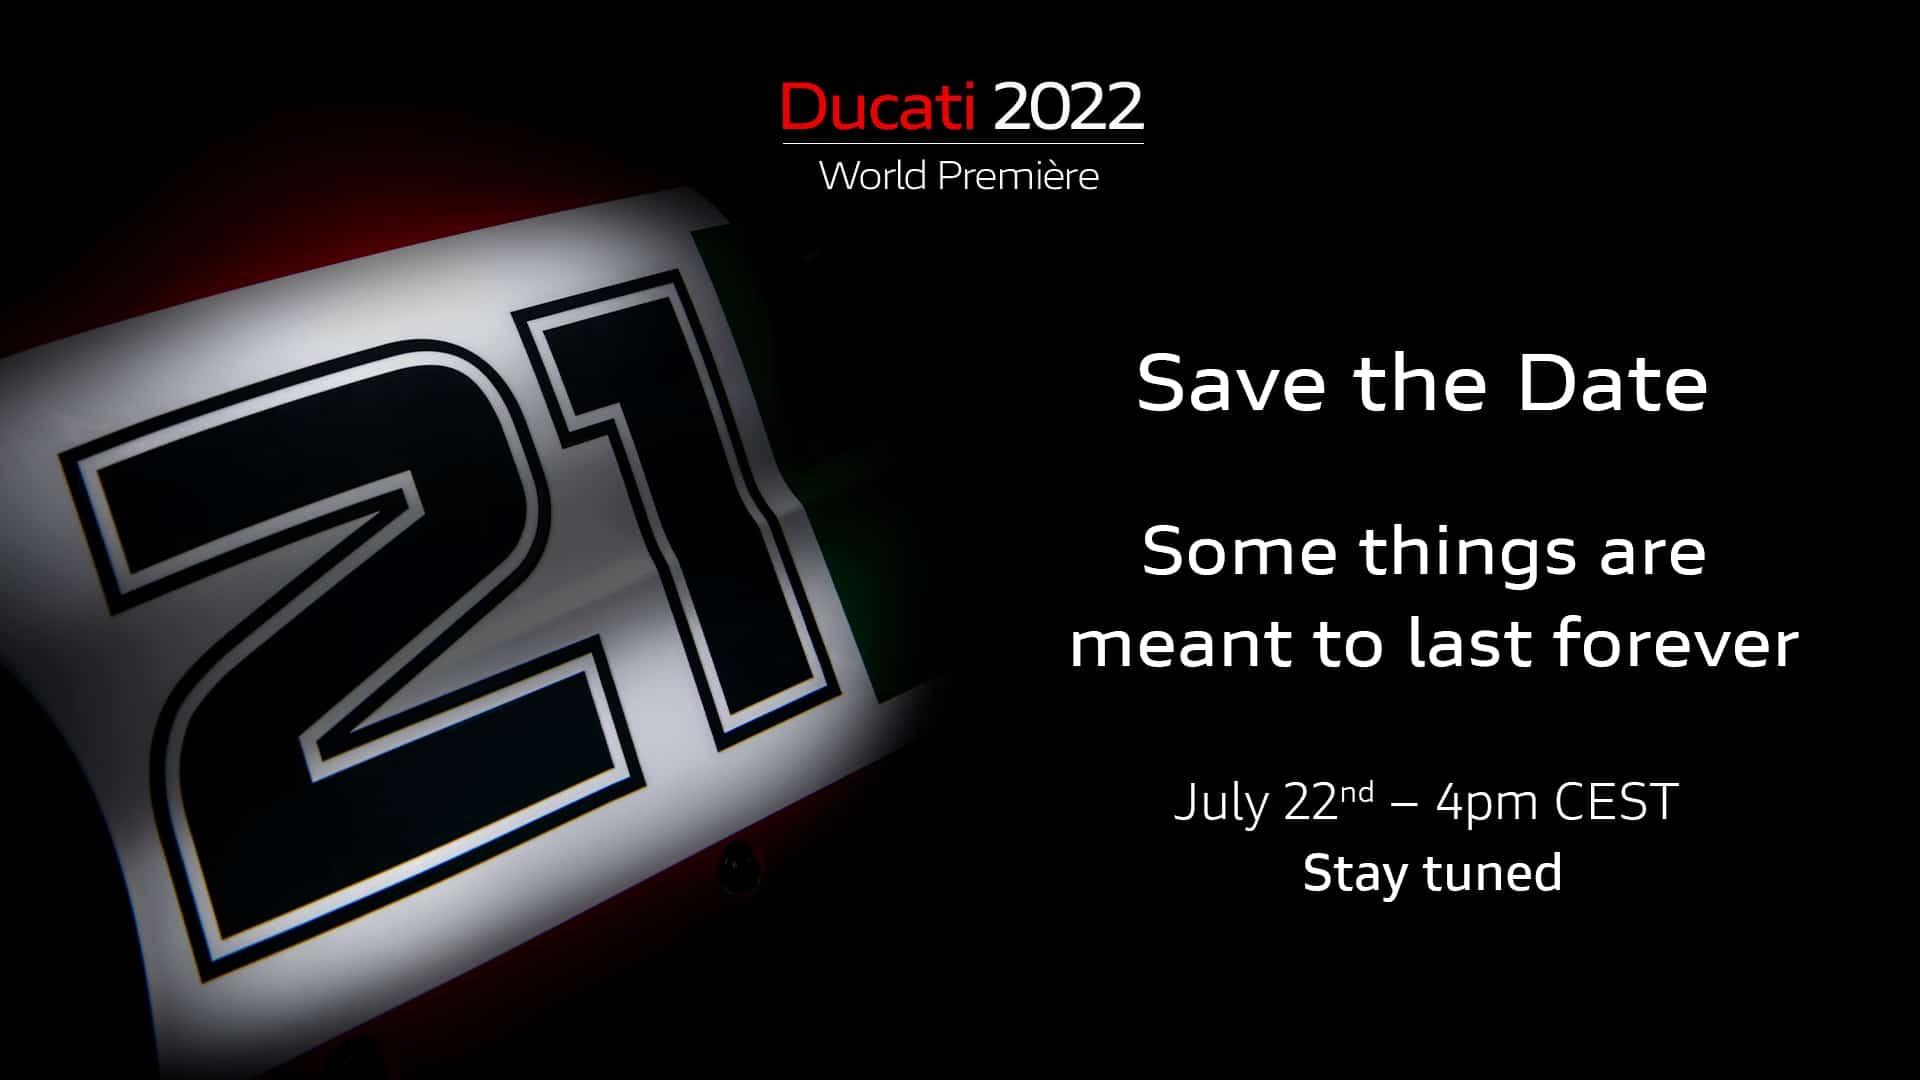 DWP 2022